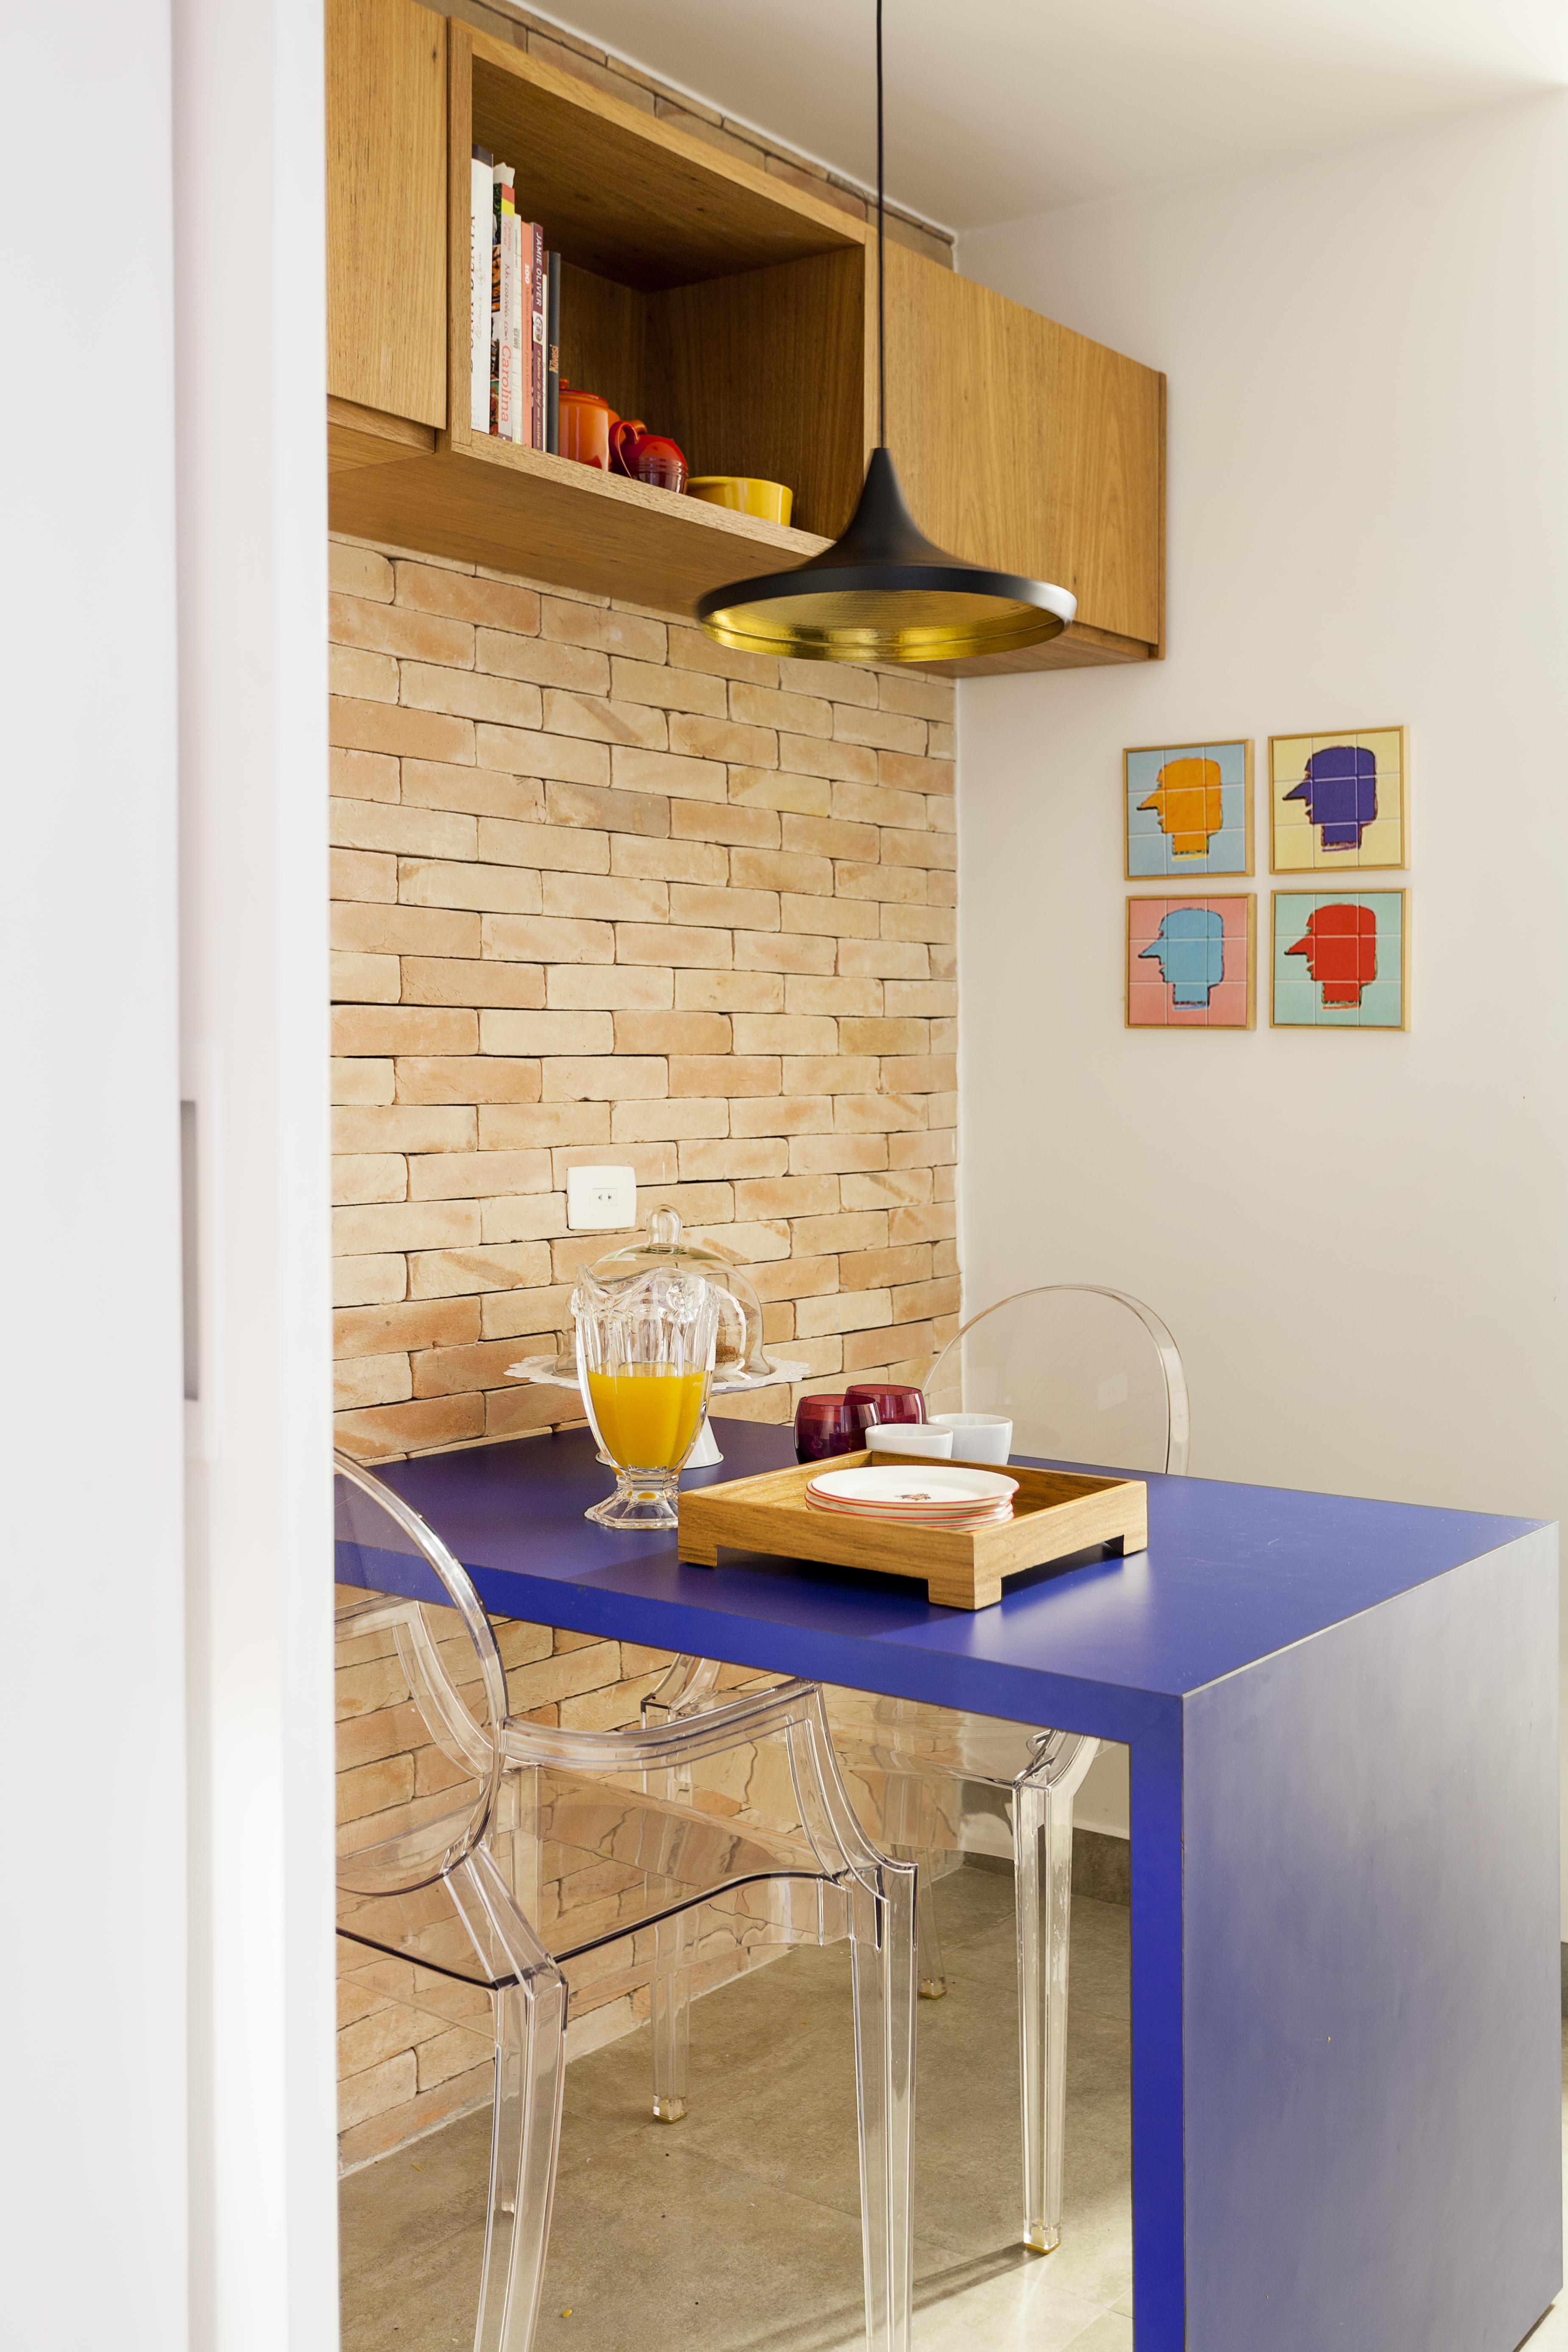 Na foto, em diagonal, é retratada uma cozinha, com mesa azul e cadeiras transparente. A parede ao fundo é de tijolos aparentes. Há um quadro colorido na paredes. O pendente preto e dourado aparece sobre a mesa, que tem uma bandeja de madeira e jarra de vidro com suco de laranja.